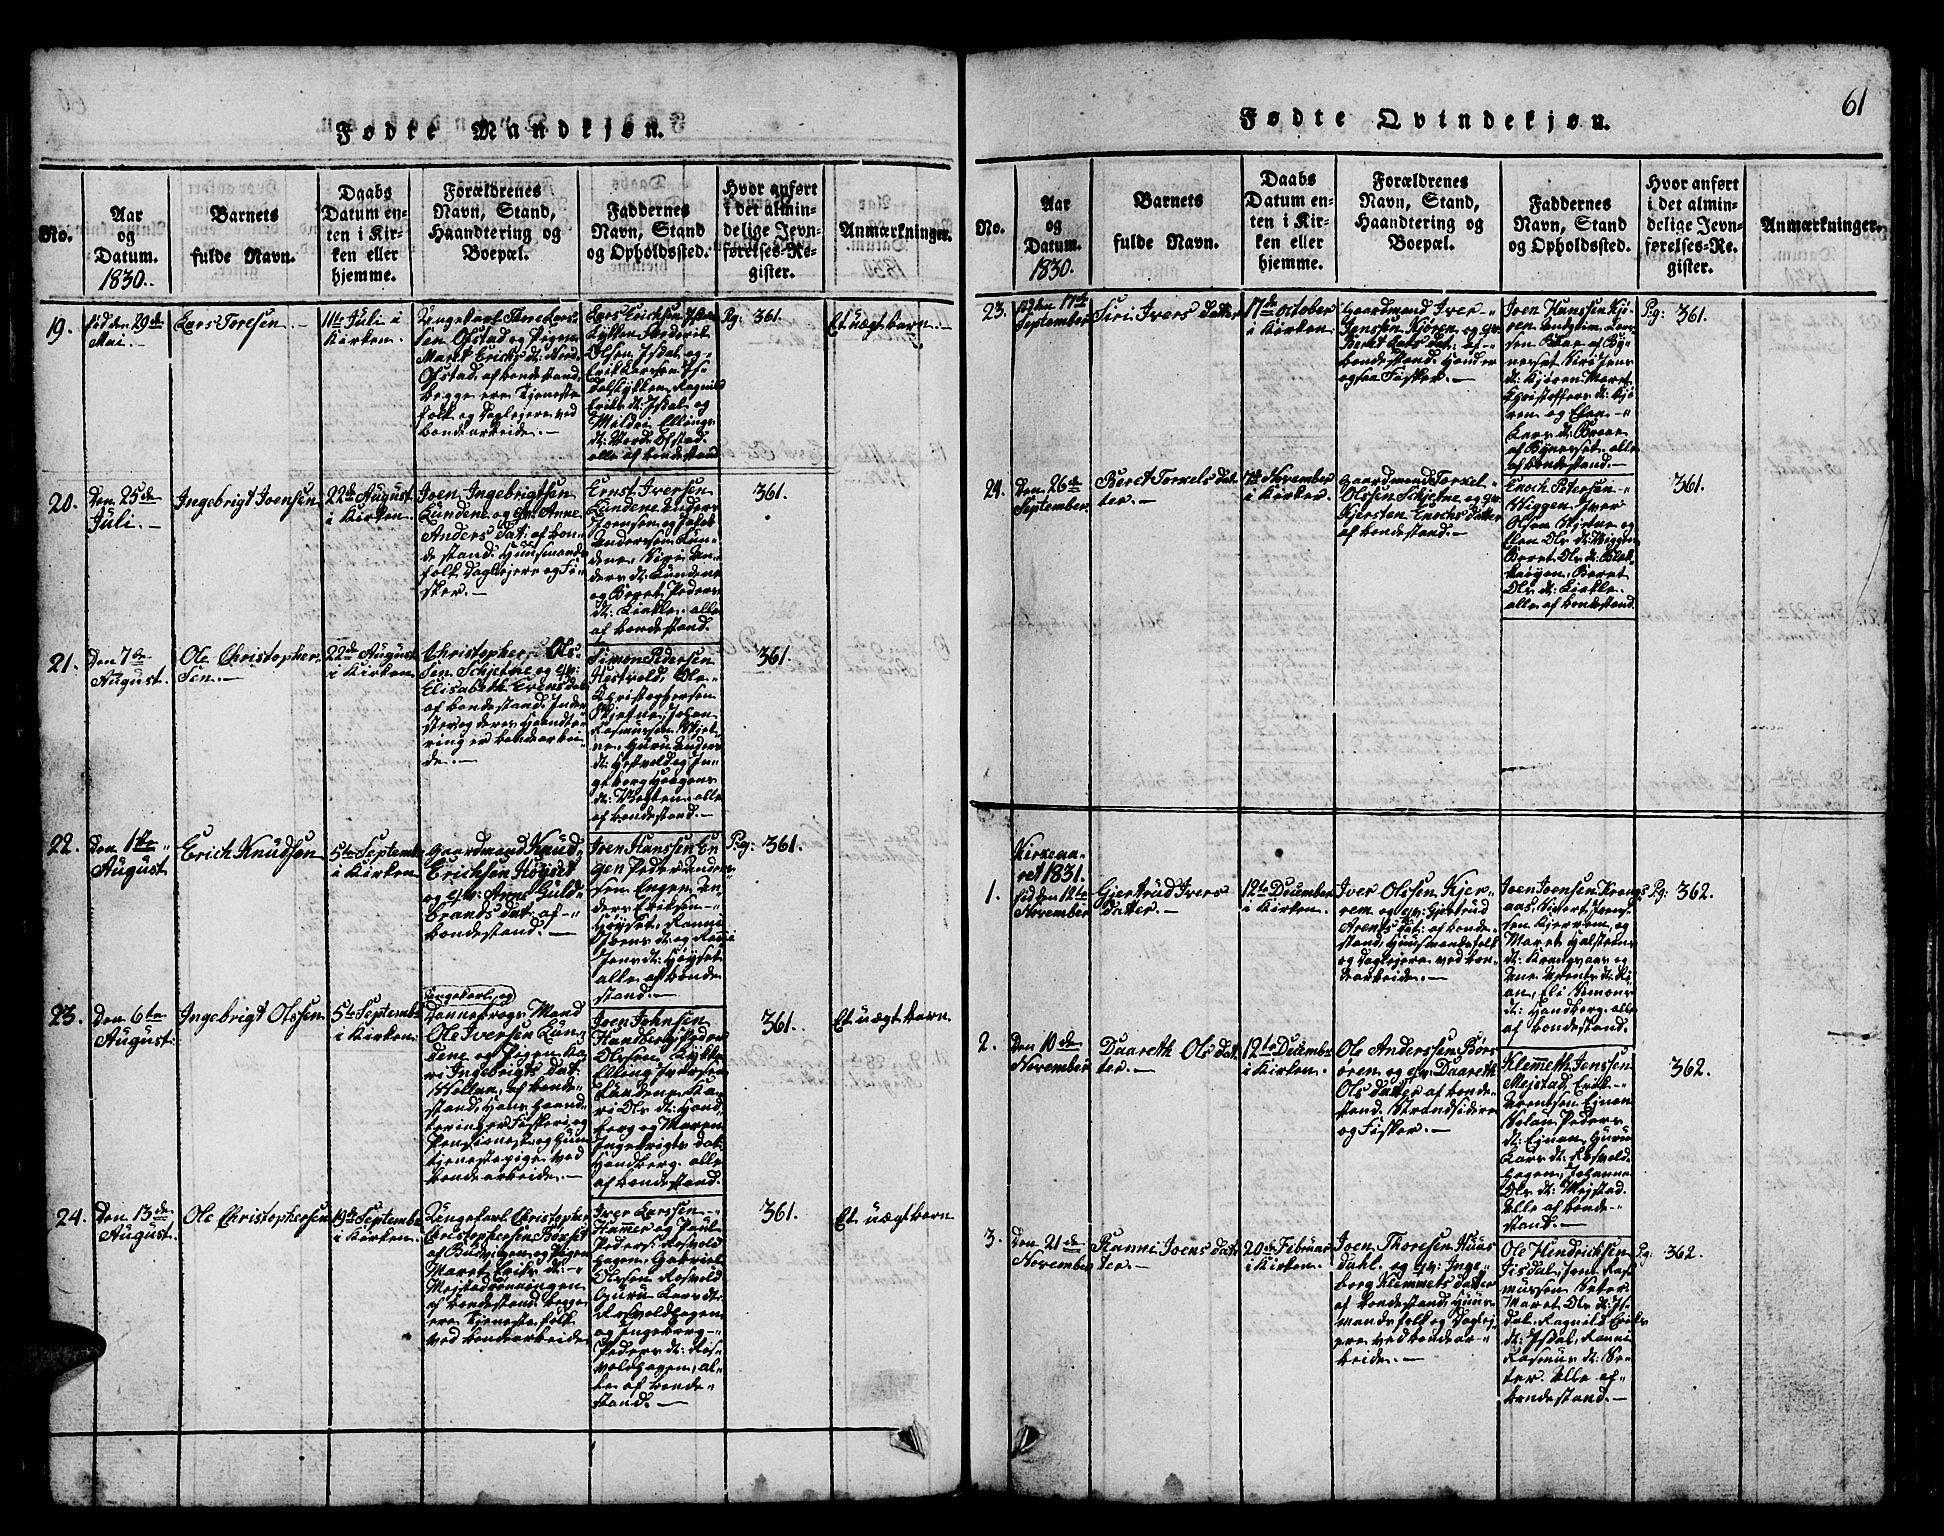 SAT, Ministerialprotokoller, klokkerbøker og fødselsregistre - Sør-Trøndelag, 665/L0776: Klokkerbok nr. 665C01, 1817-1837, s. 61